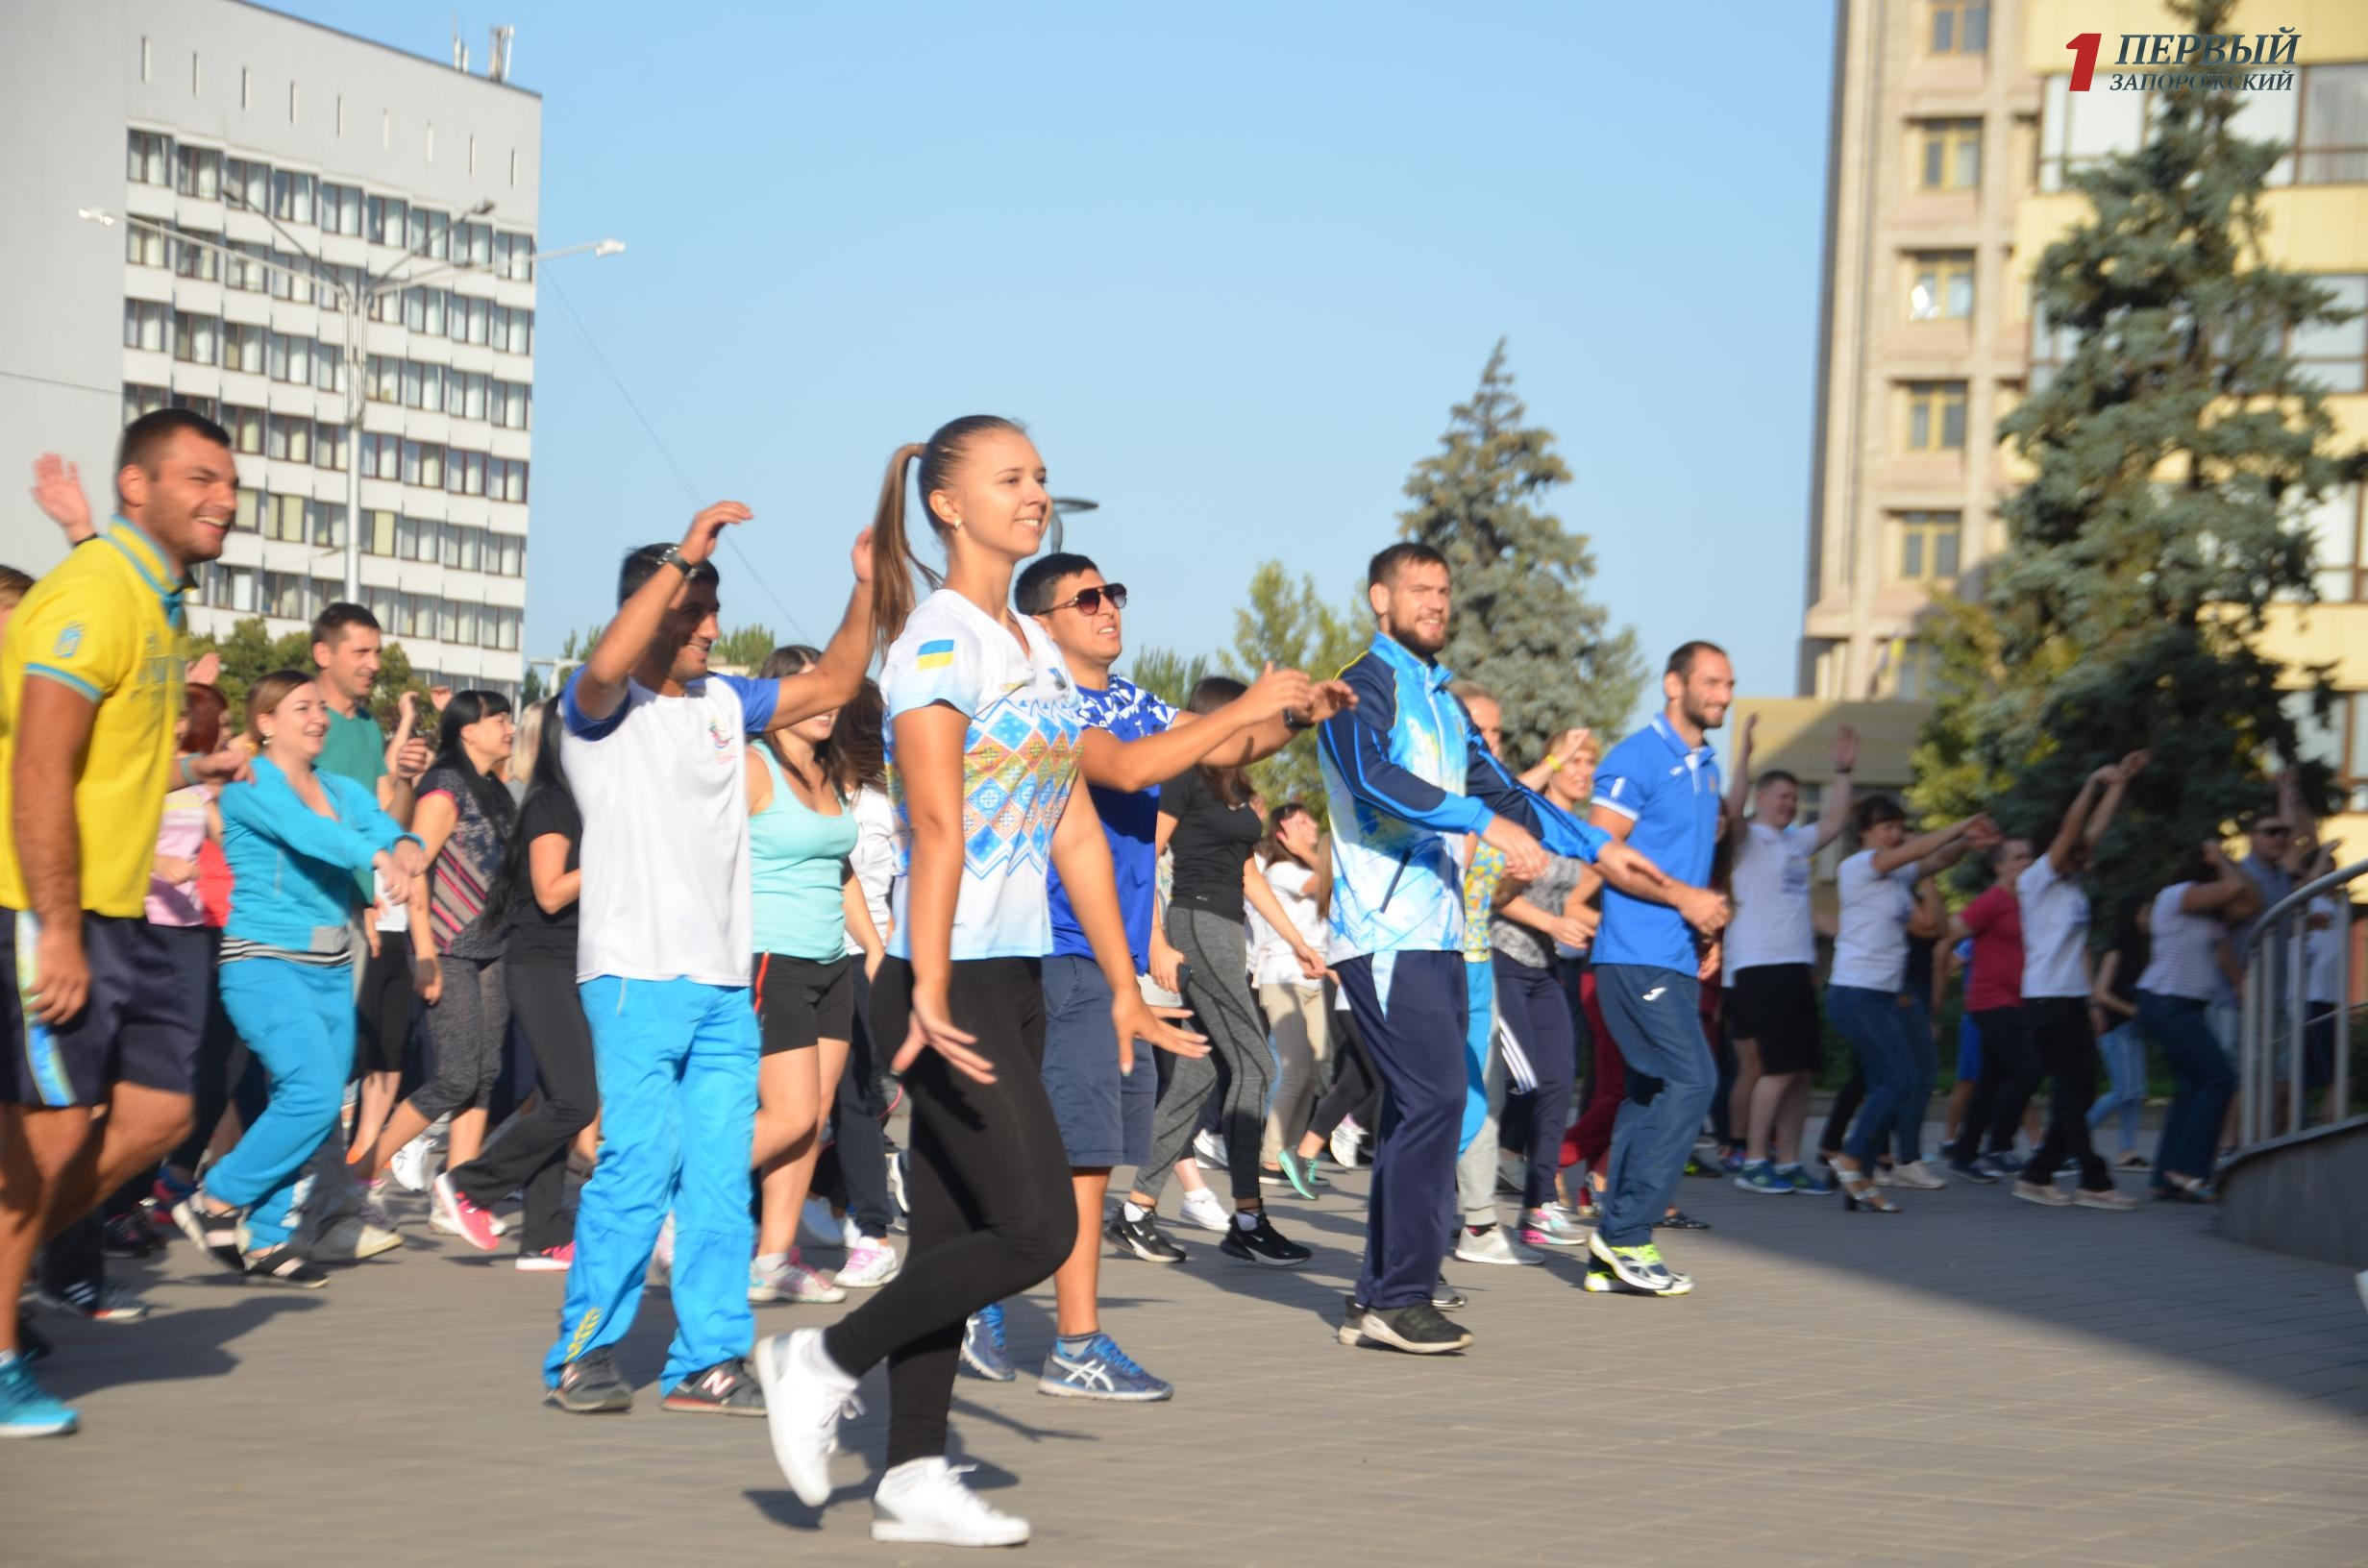 Чиновники, спортсмены и упражнения под музыку: в Запорожье провели традиционную утреннюю зарядку - ФОТО, ВИДЕО